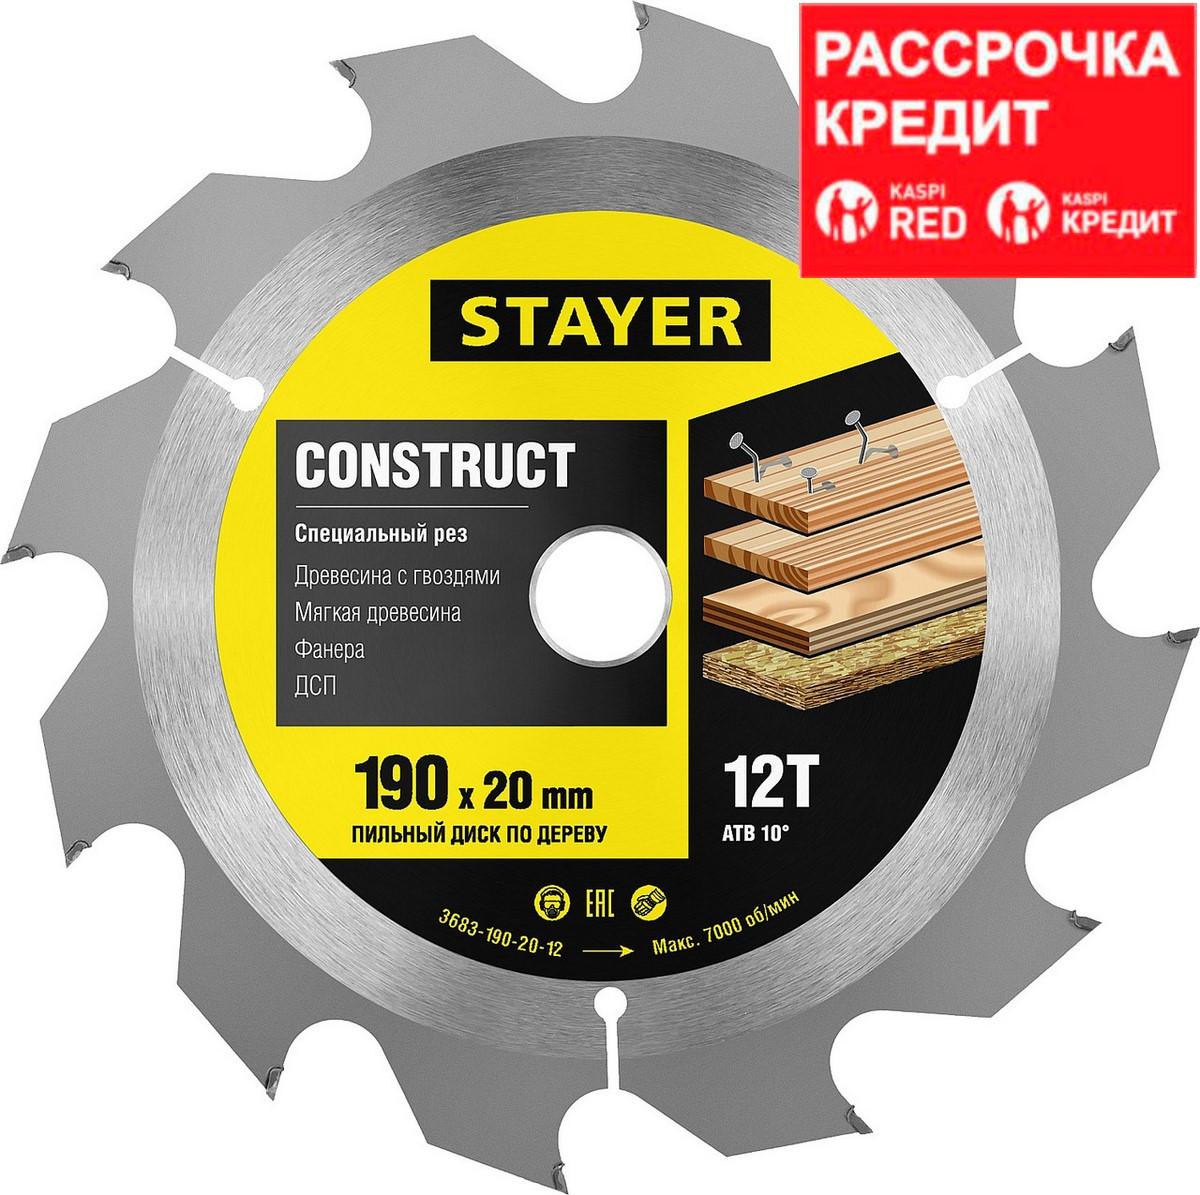 STAYER Construct 190 x 20мм 12Т, диск пильный по дереву, технический рез с гвоздями (3683-190-20-12)